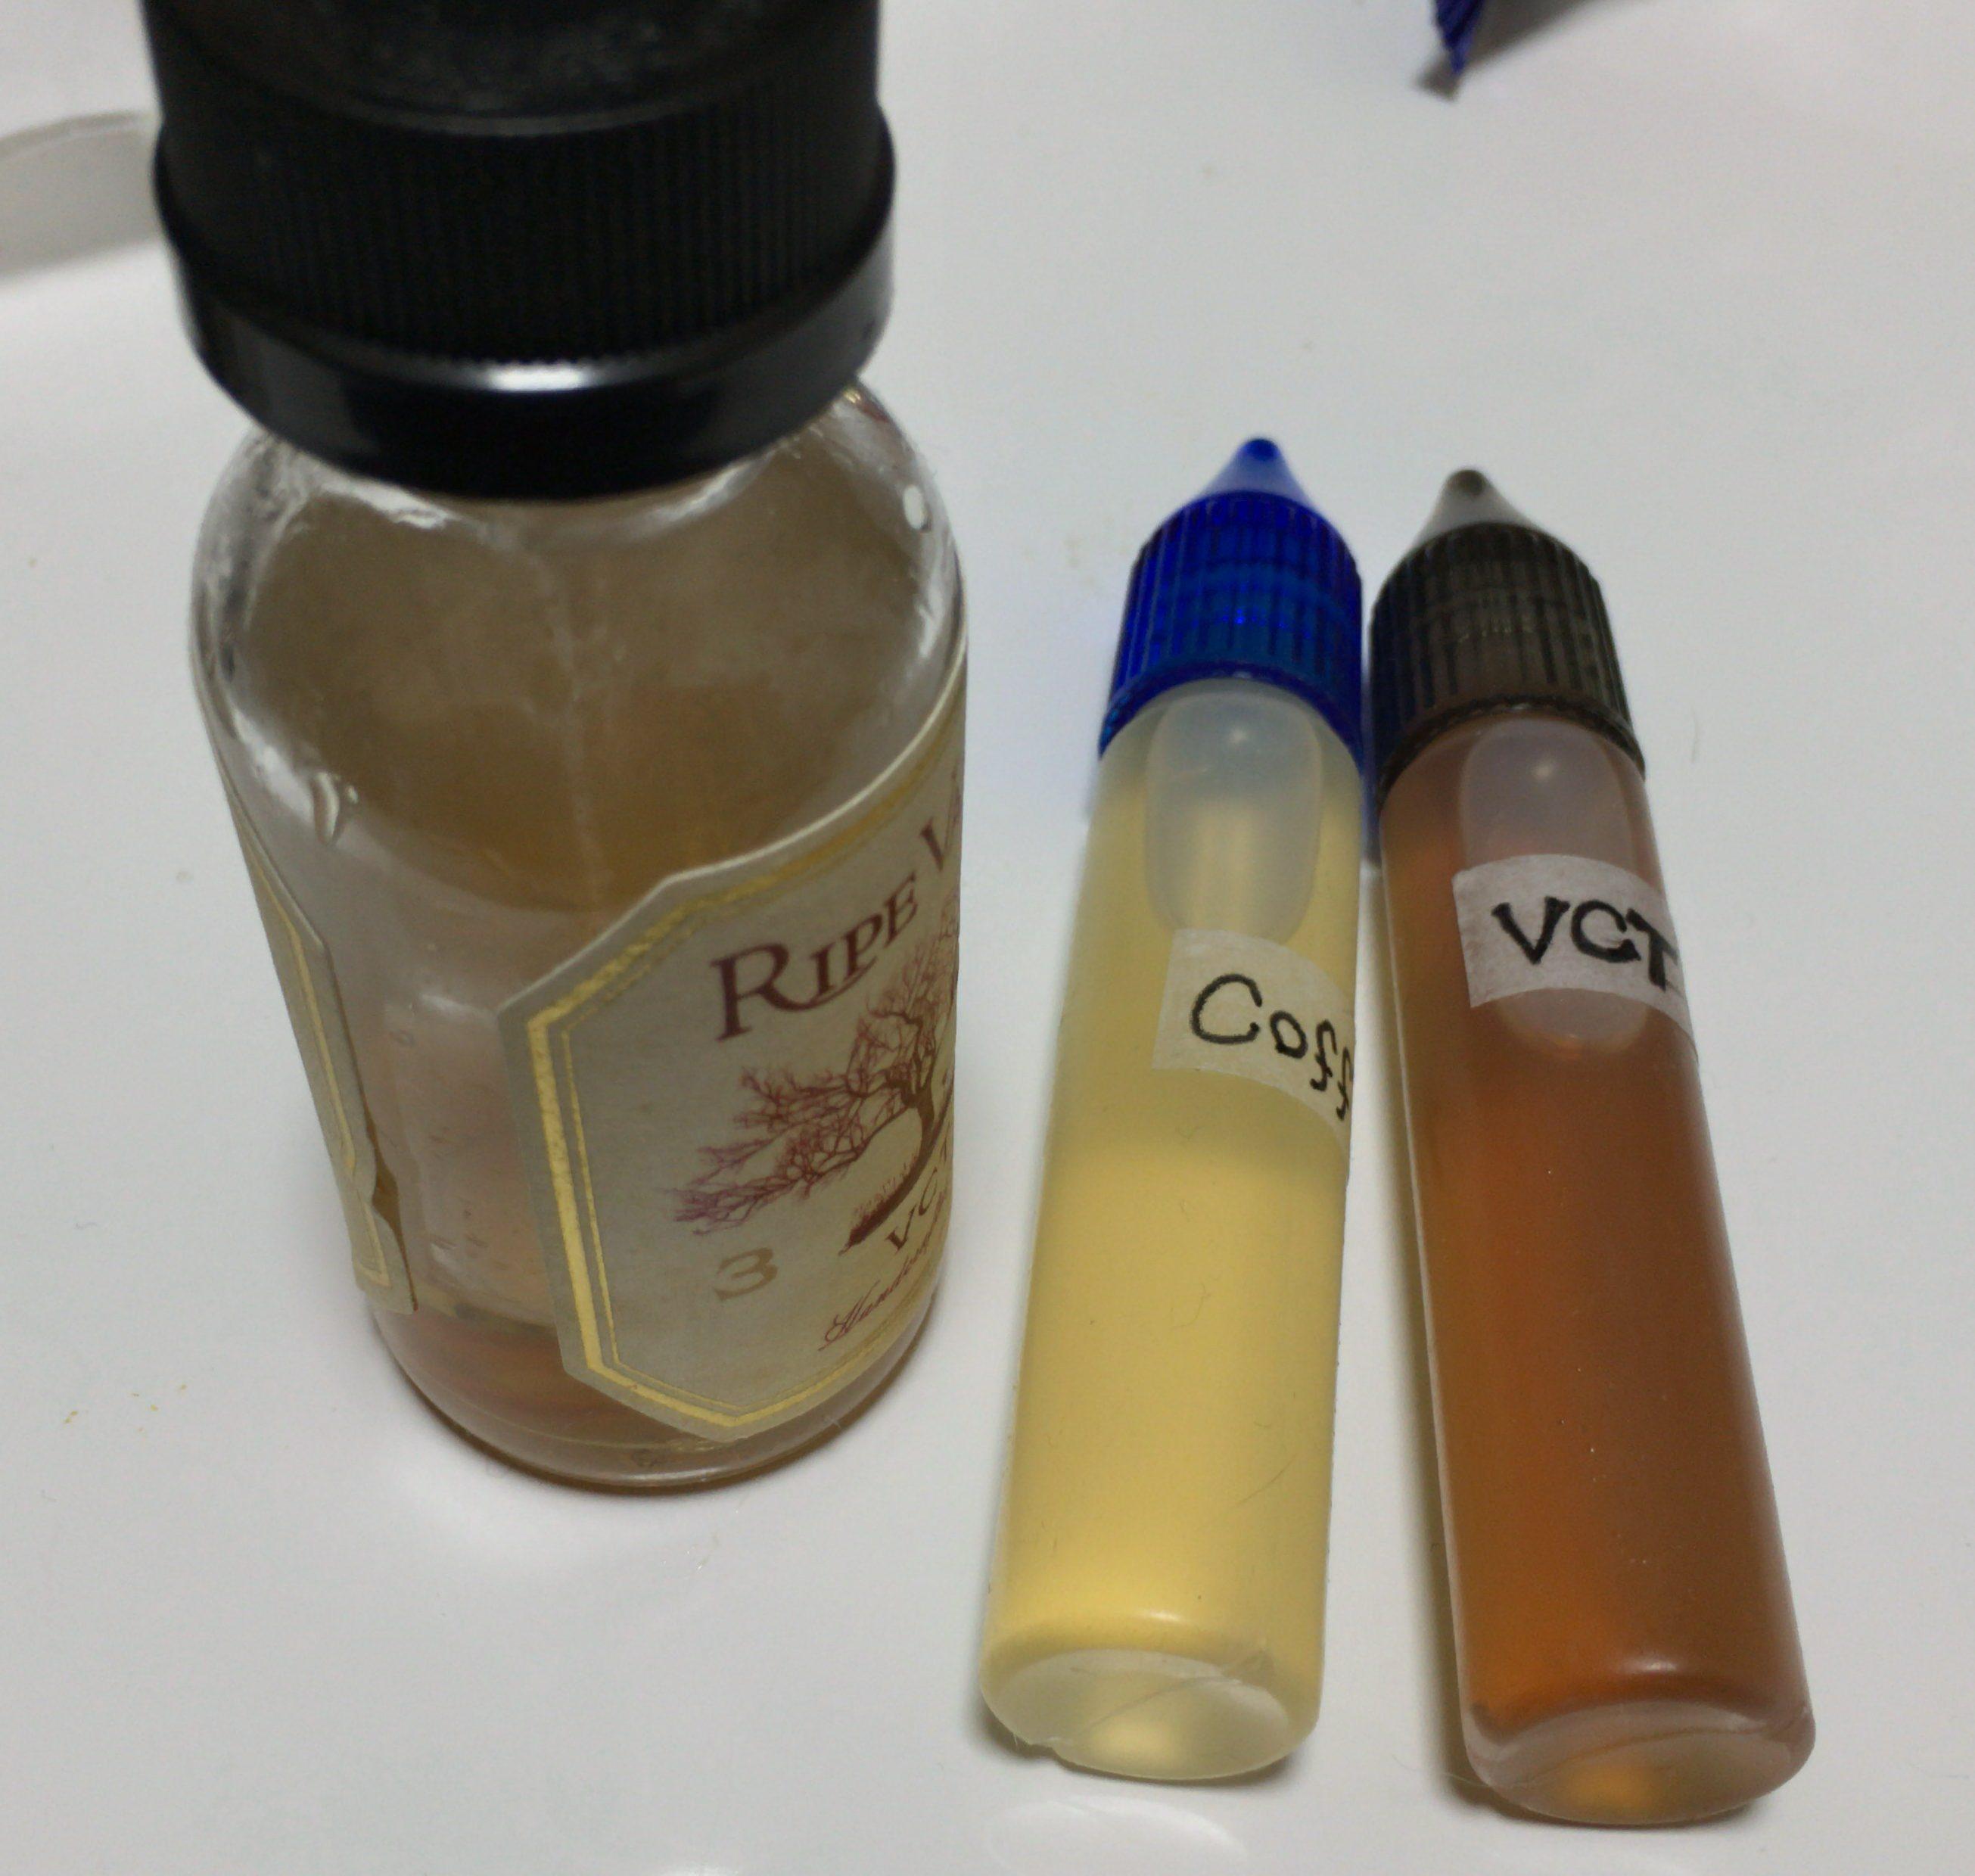 VCTが無くなりそうなのでT&M+Tobacco Goldで間に合わせる